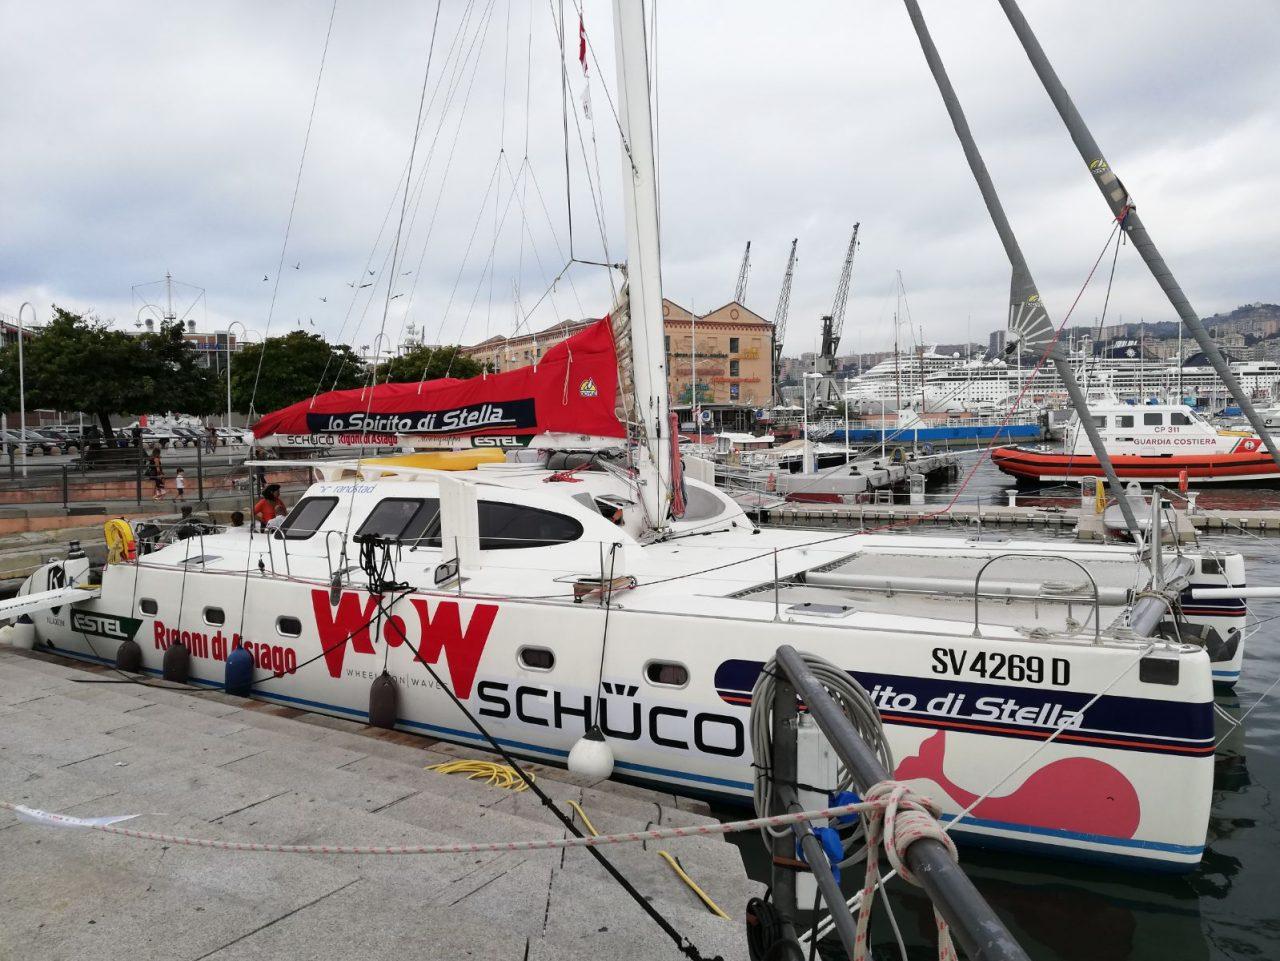 Gita in catamarano per i ragazzi diversamente abili